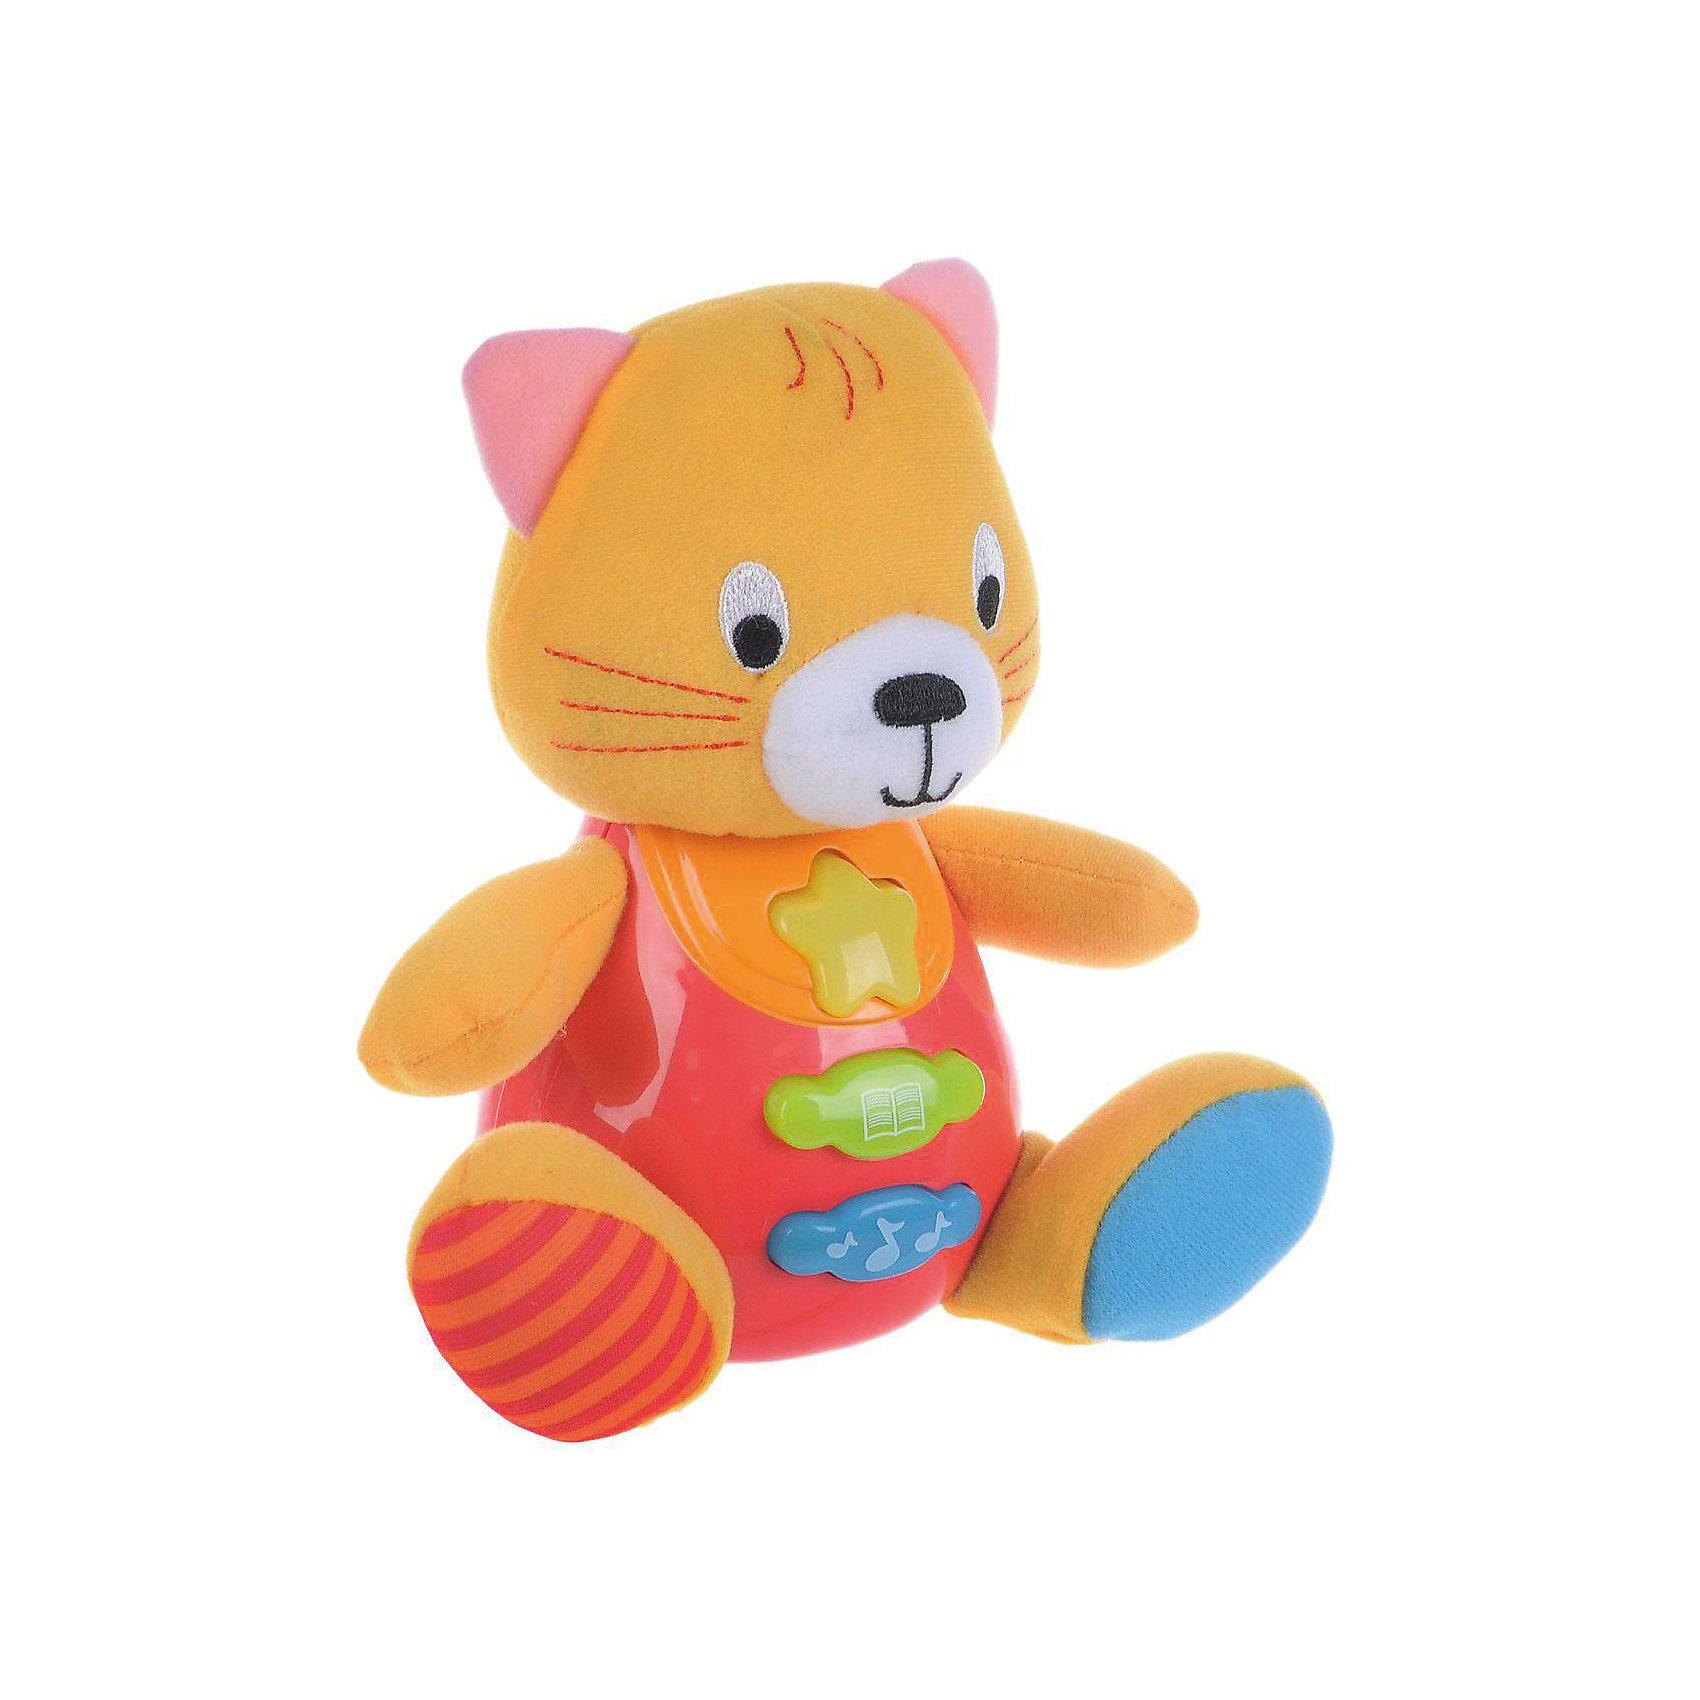 Обучающая игрушка Стихи, УмкаОбучающая игрушка Стихи, со светом и звуком, Умка – это увлекательный, развивающий подарок для Вашего малыша. Обучающий забавный зверек познакомит ребёнка с добрыми детскими стишками и песенкой. На животике расположены три кнопки. При нажатии на одну из них малыш услышит песенку. При нажатии на вторую - 6 приятных мелодий. При нажатии на кнопку с книжкой поочередно прозвучат 5 замечательных стихотворений. Все стихи и песенки сопровождаются световыми эффектами. Голова и лапки у игрушки мягкие с шуршащими вставками для развития тактильных ощущений. Туловище изготовлено из высококачественной пластмассы. Игрушка отлично способствует развитию памяти, логики, визуального и слухового восприятия, моторики.  <br><br>Дополнительная информация:  <br>- Игрушка работает от 2 батареек типа АА (входят в комплект)<br>- Размер медвежонка: 16 х 18 х 8 см. <br>- Размер упаковки: 20 х 21,5 х 11 см. <br><br>Обучающую игрушку Стихи, со светом и звуком, Умка можно купить в нашем интернет-магазине.<br><br>Ширина мм: 380<br>Глубина мм: 430<br>Высота мм: 460<br>Вес г: 520<br>Возраст от месяцев: 12<br>Возраст до месяцев: 48<br>Пол: Унисекс<br>Возраст: Детский<br>SKU: 4838282